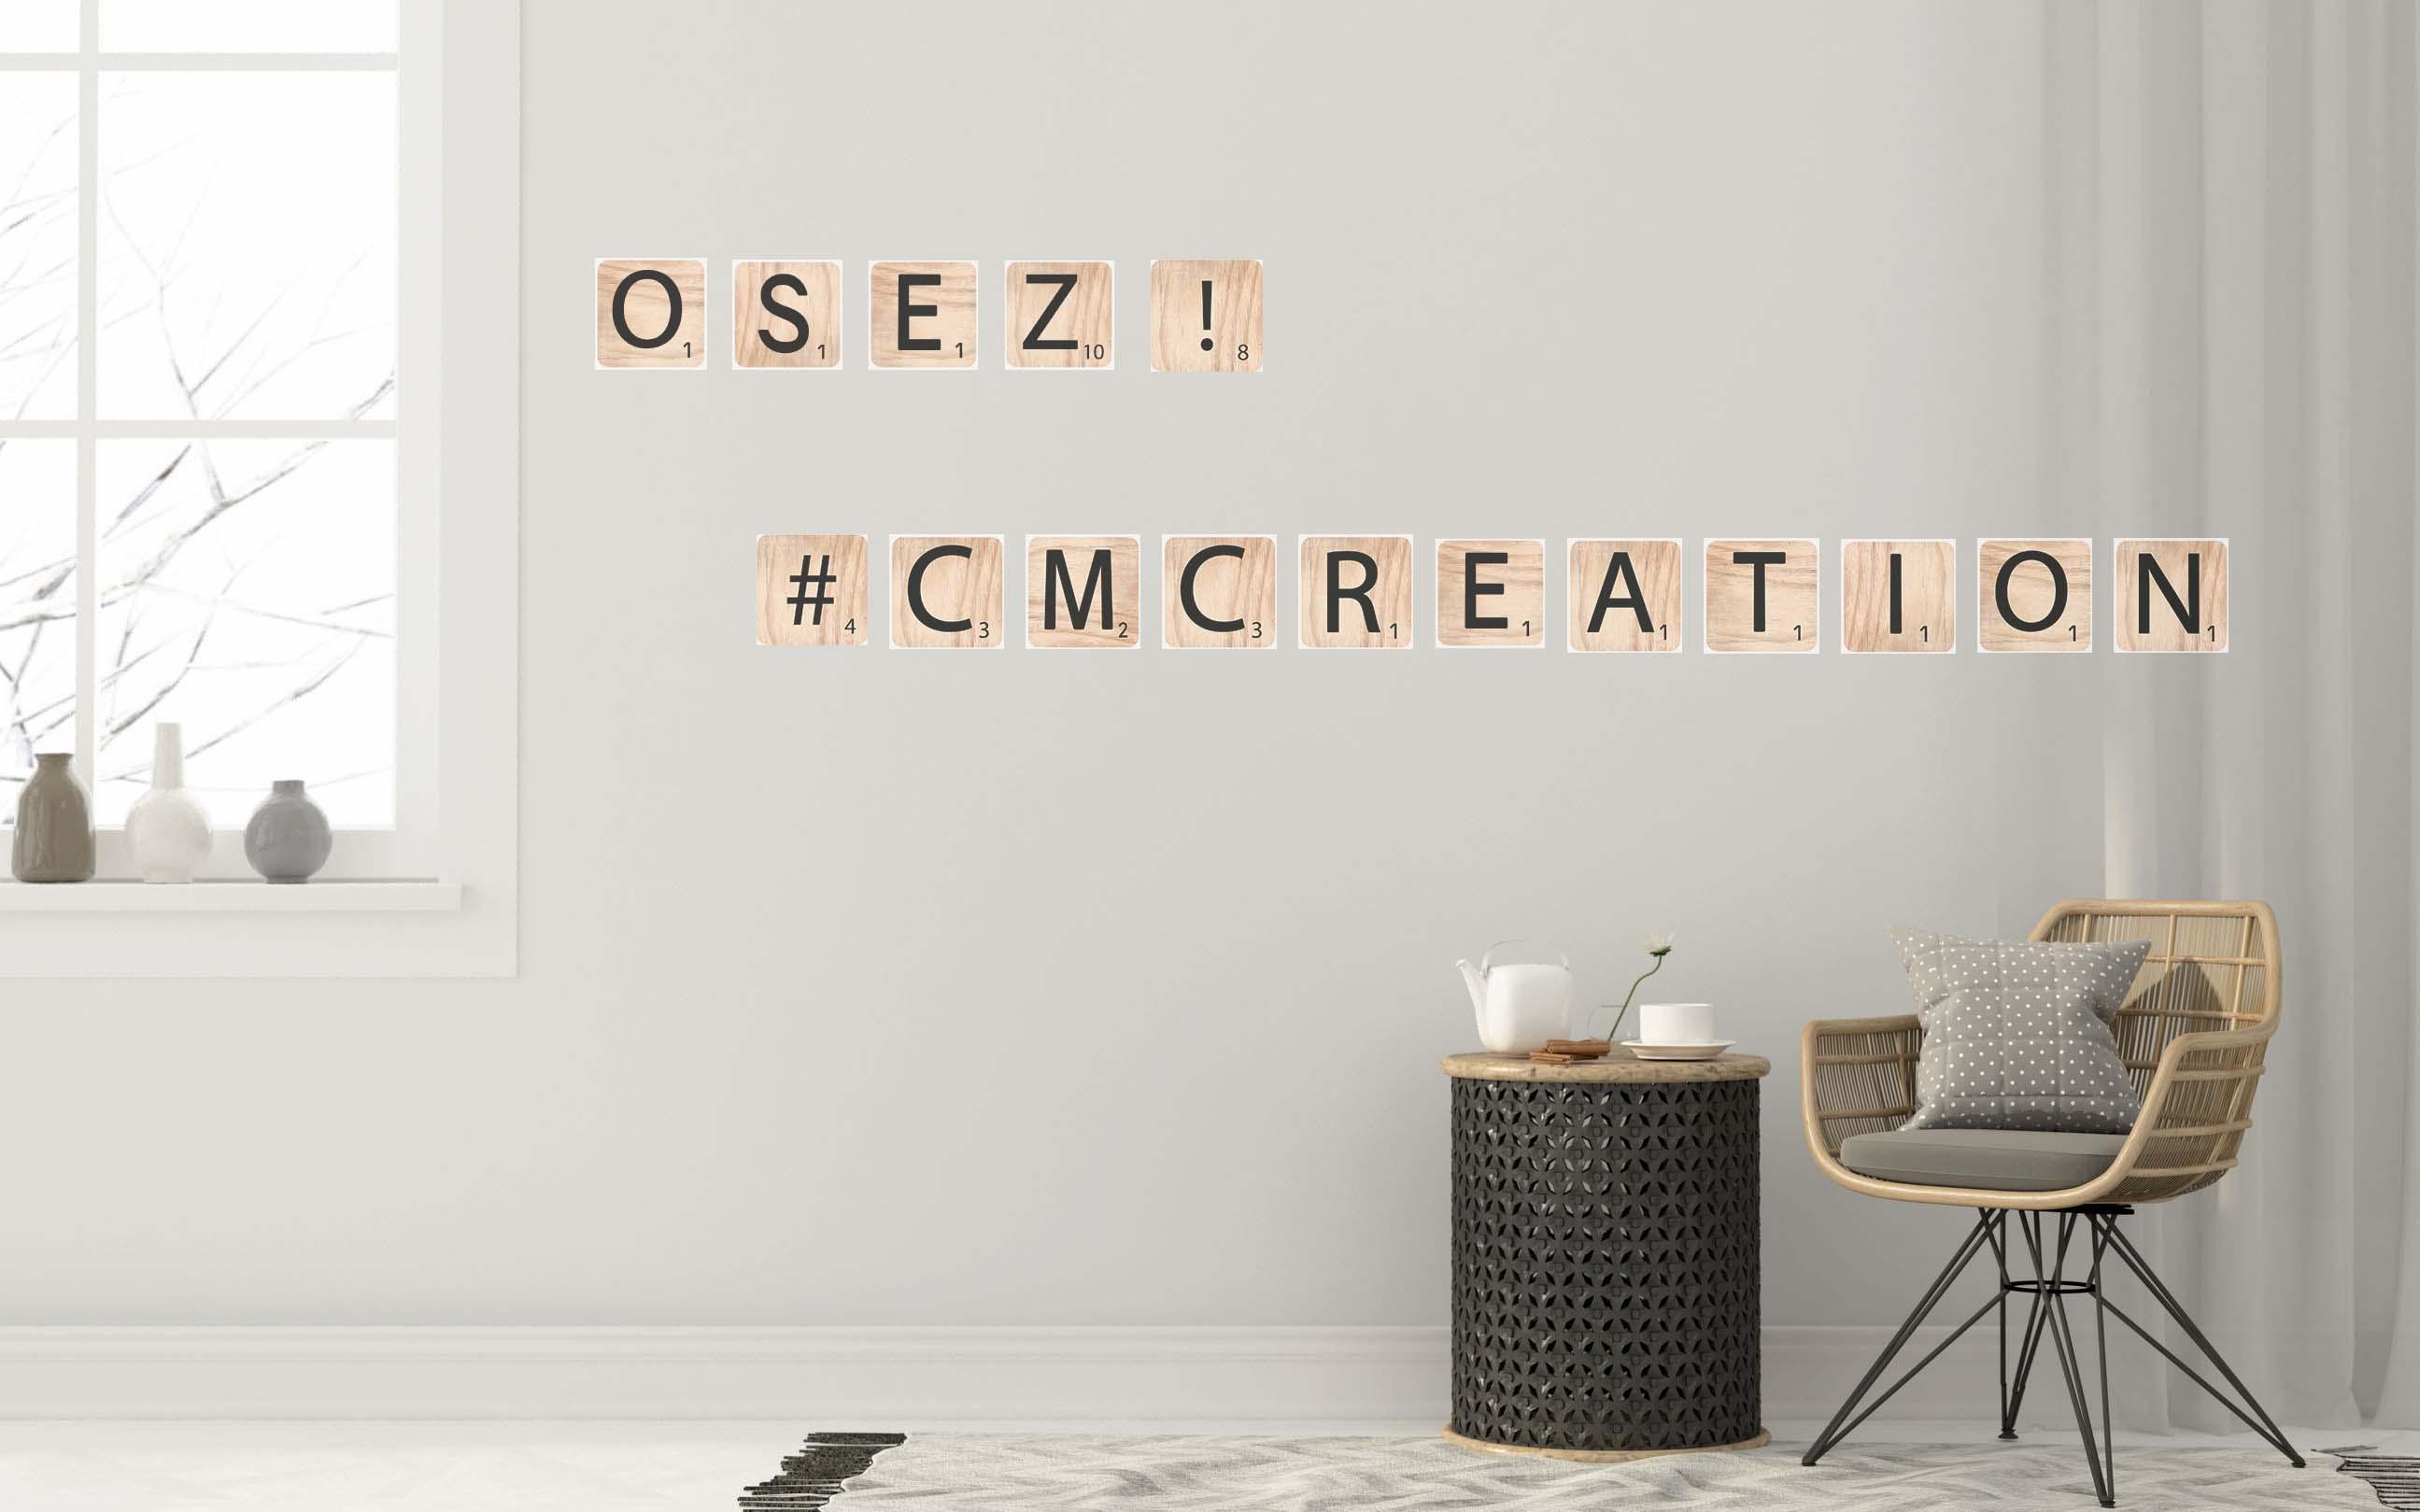 Les Lettres Bois déco CM CREATION